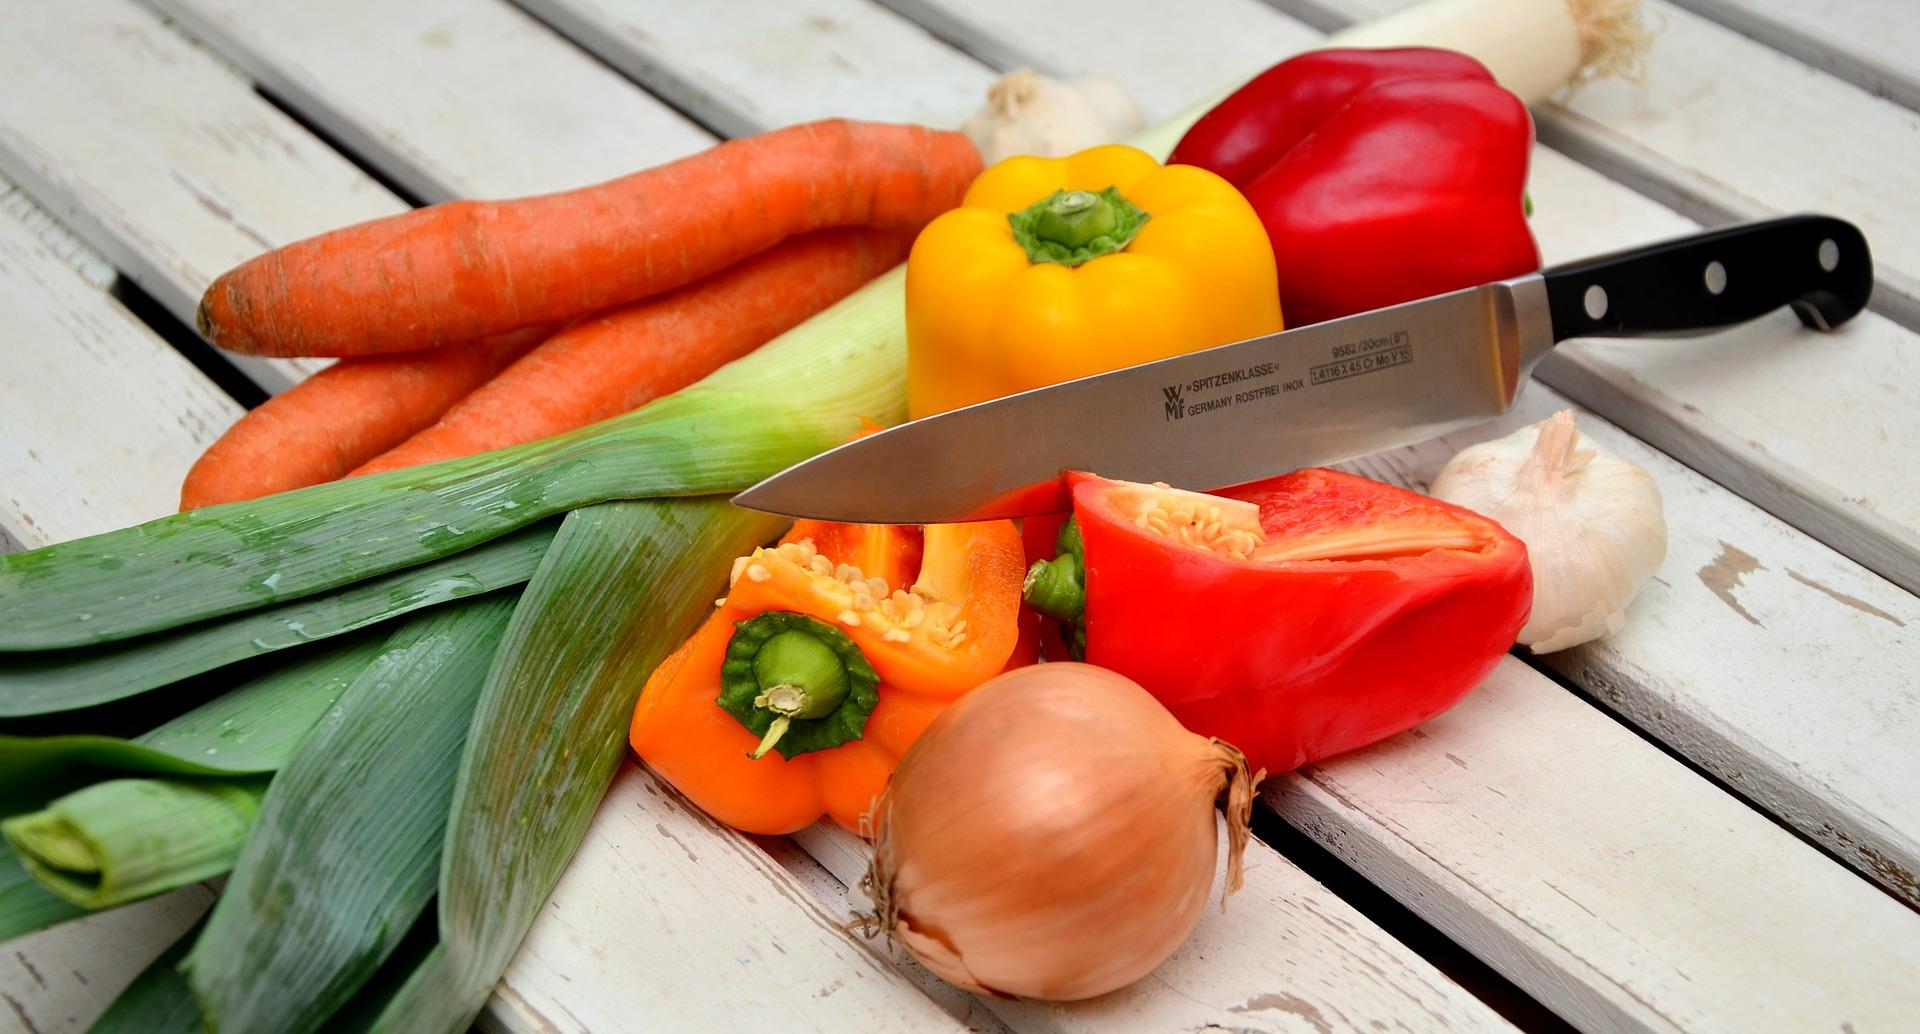 Miten lisätä kasviksia ruokavalioon?